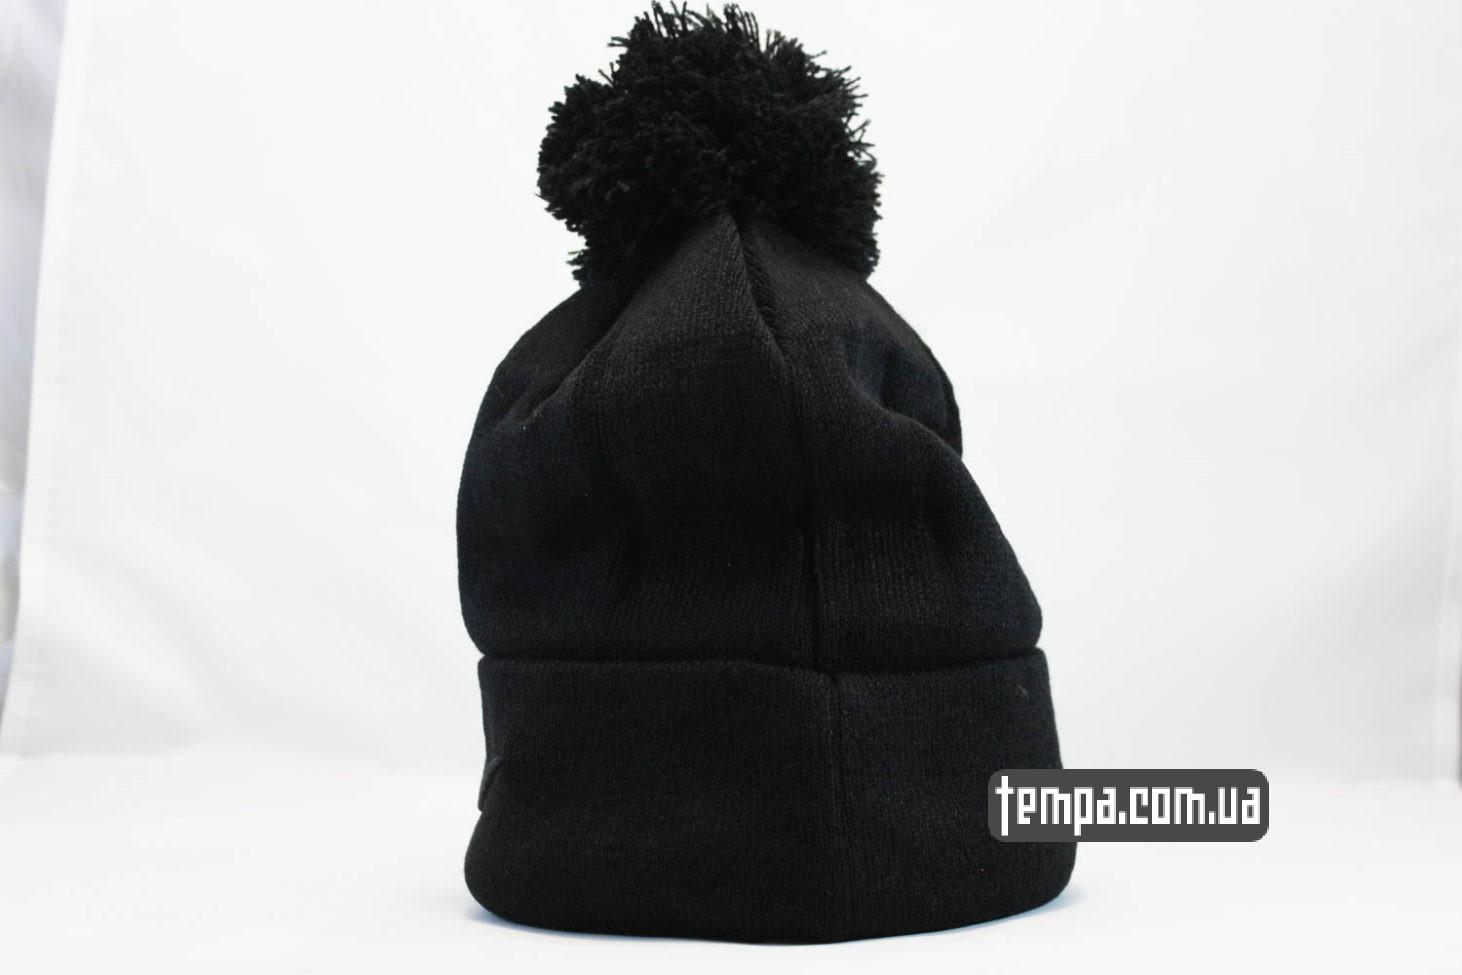 найки украина купить одежду шапка beanie NIKE черная со звездами и балабоном